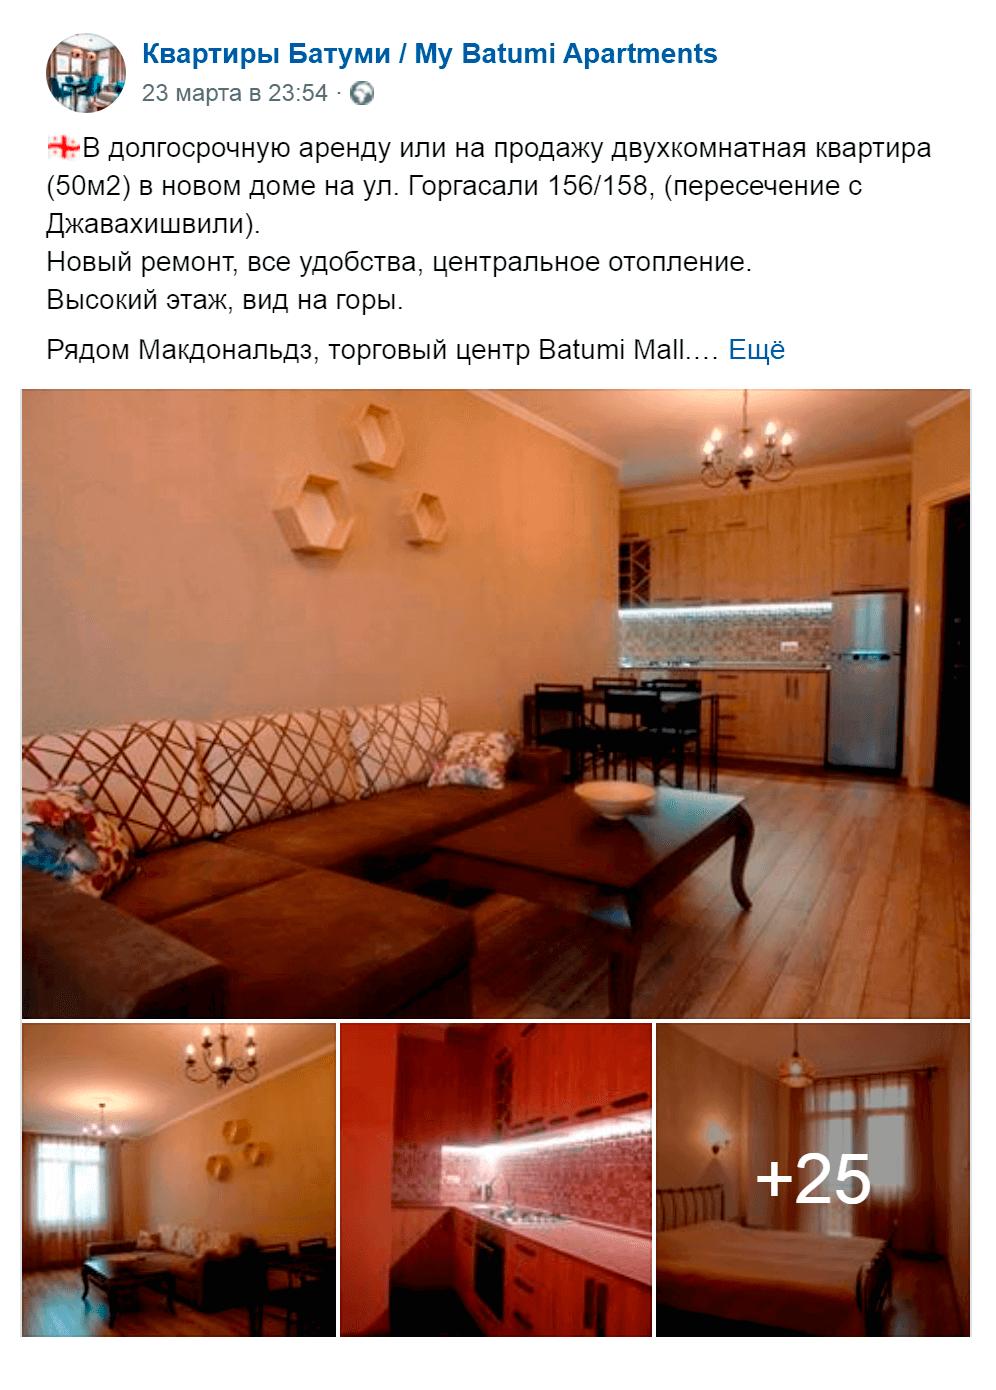 Так выглядят обычные предложения по аренде квартир в Батуми